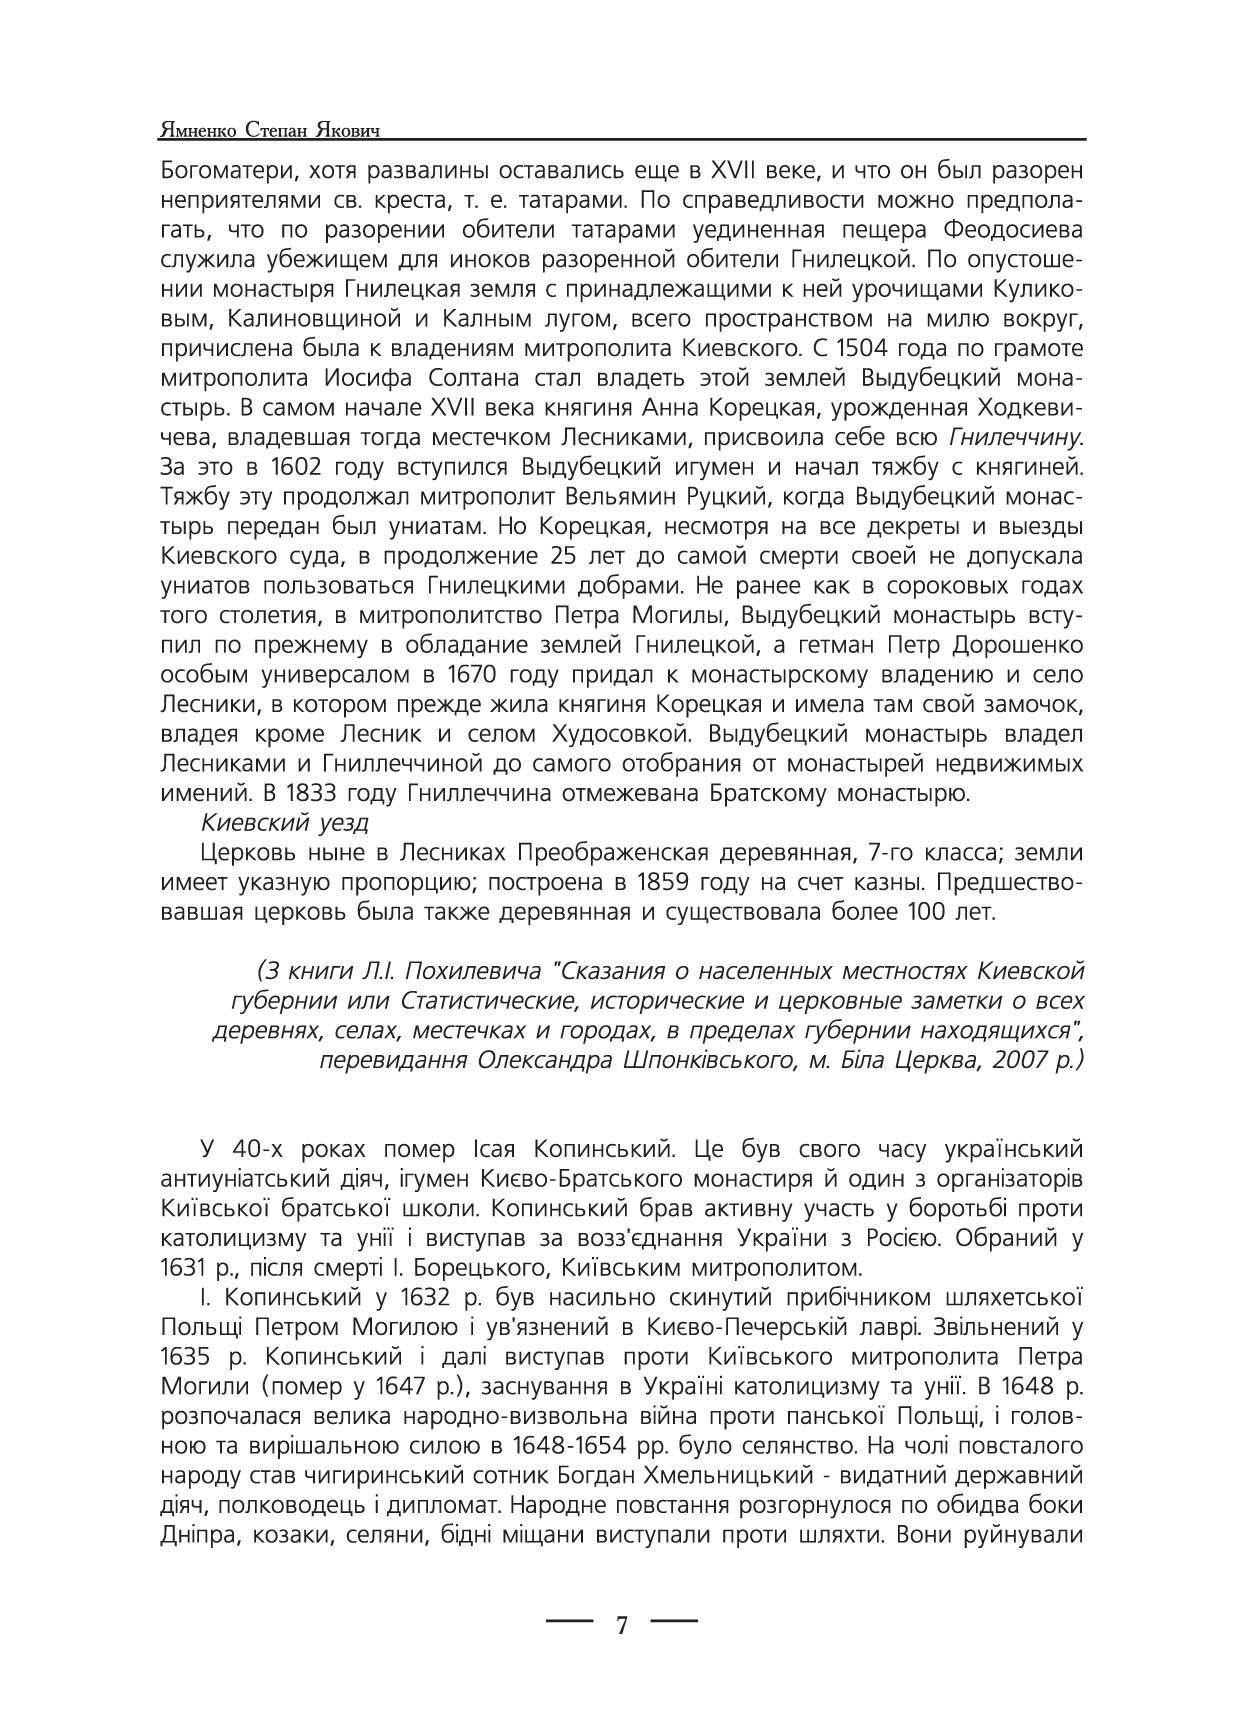 ІСТОРІЯ СЕЛА ЛІСНИКИ КРІЗЬ ЧАСИ ТА СТОЛІТТЯ. Рукопис Степана Ямненка